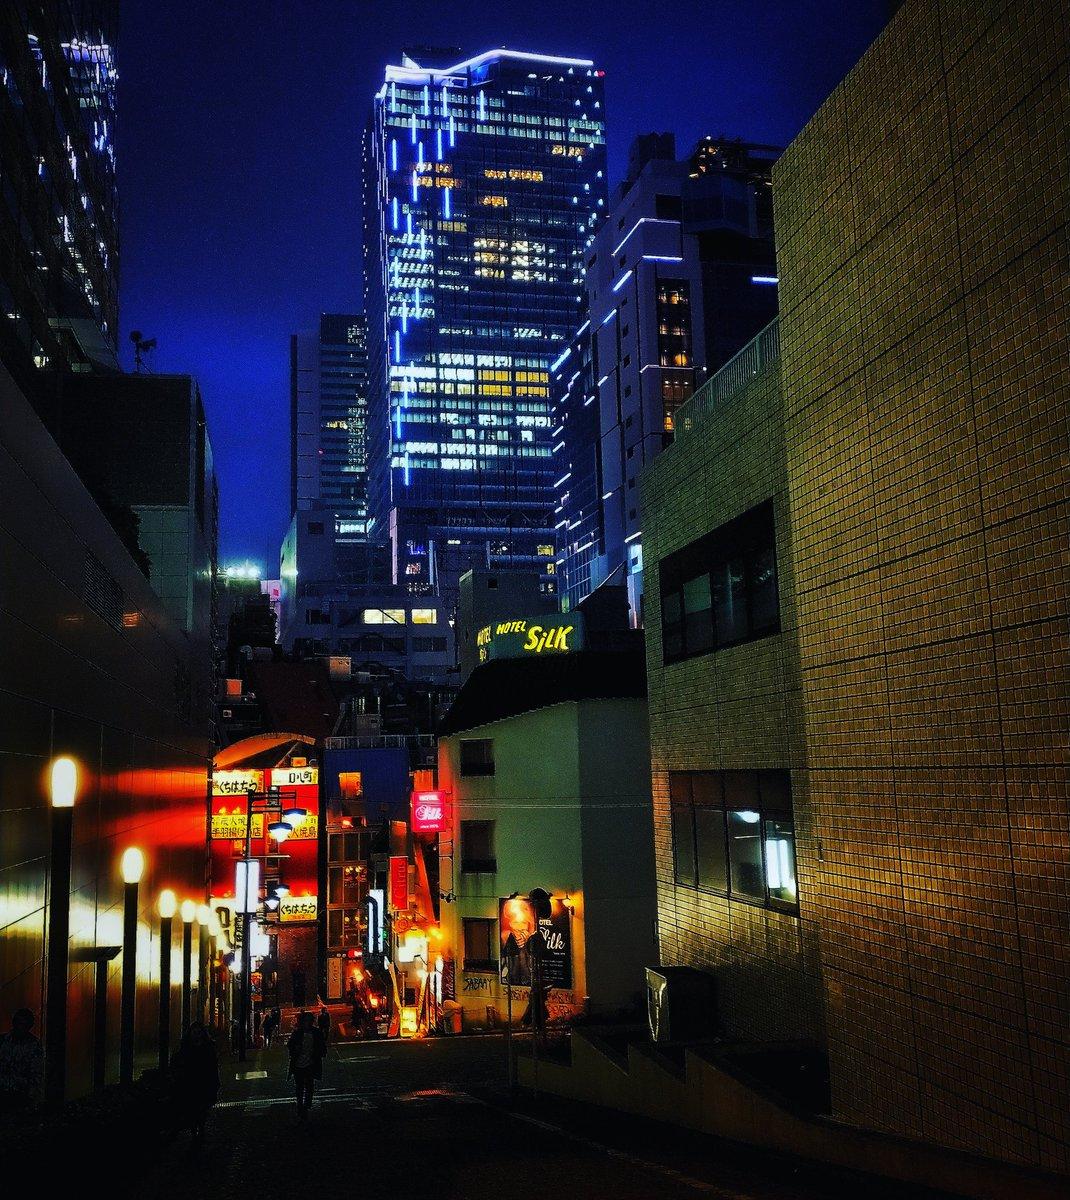 渋谷 スクランブル スクエア カメラ